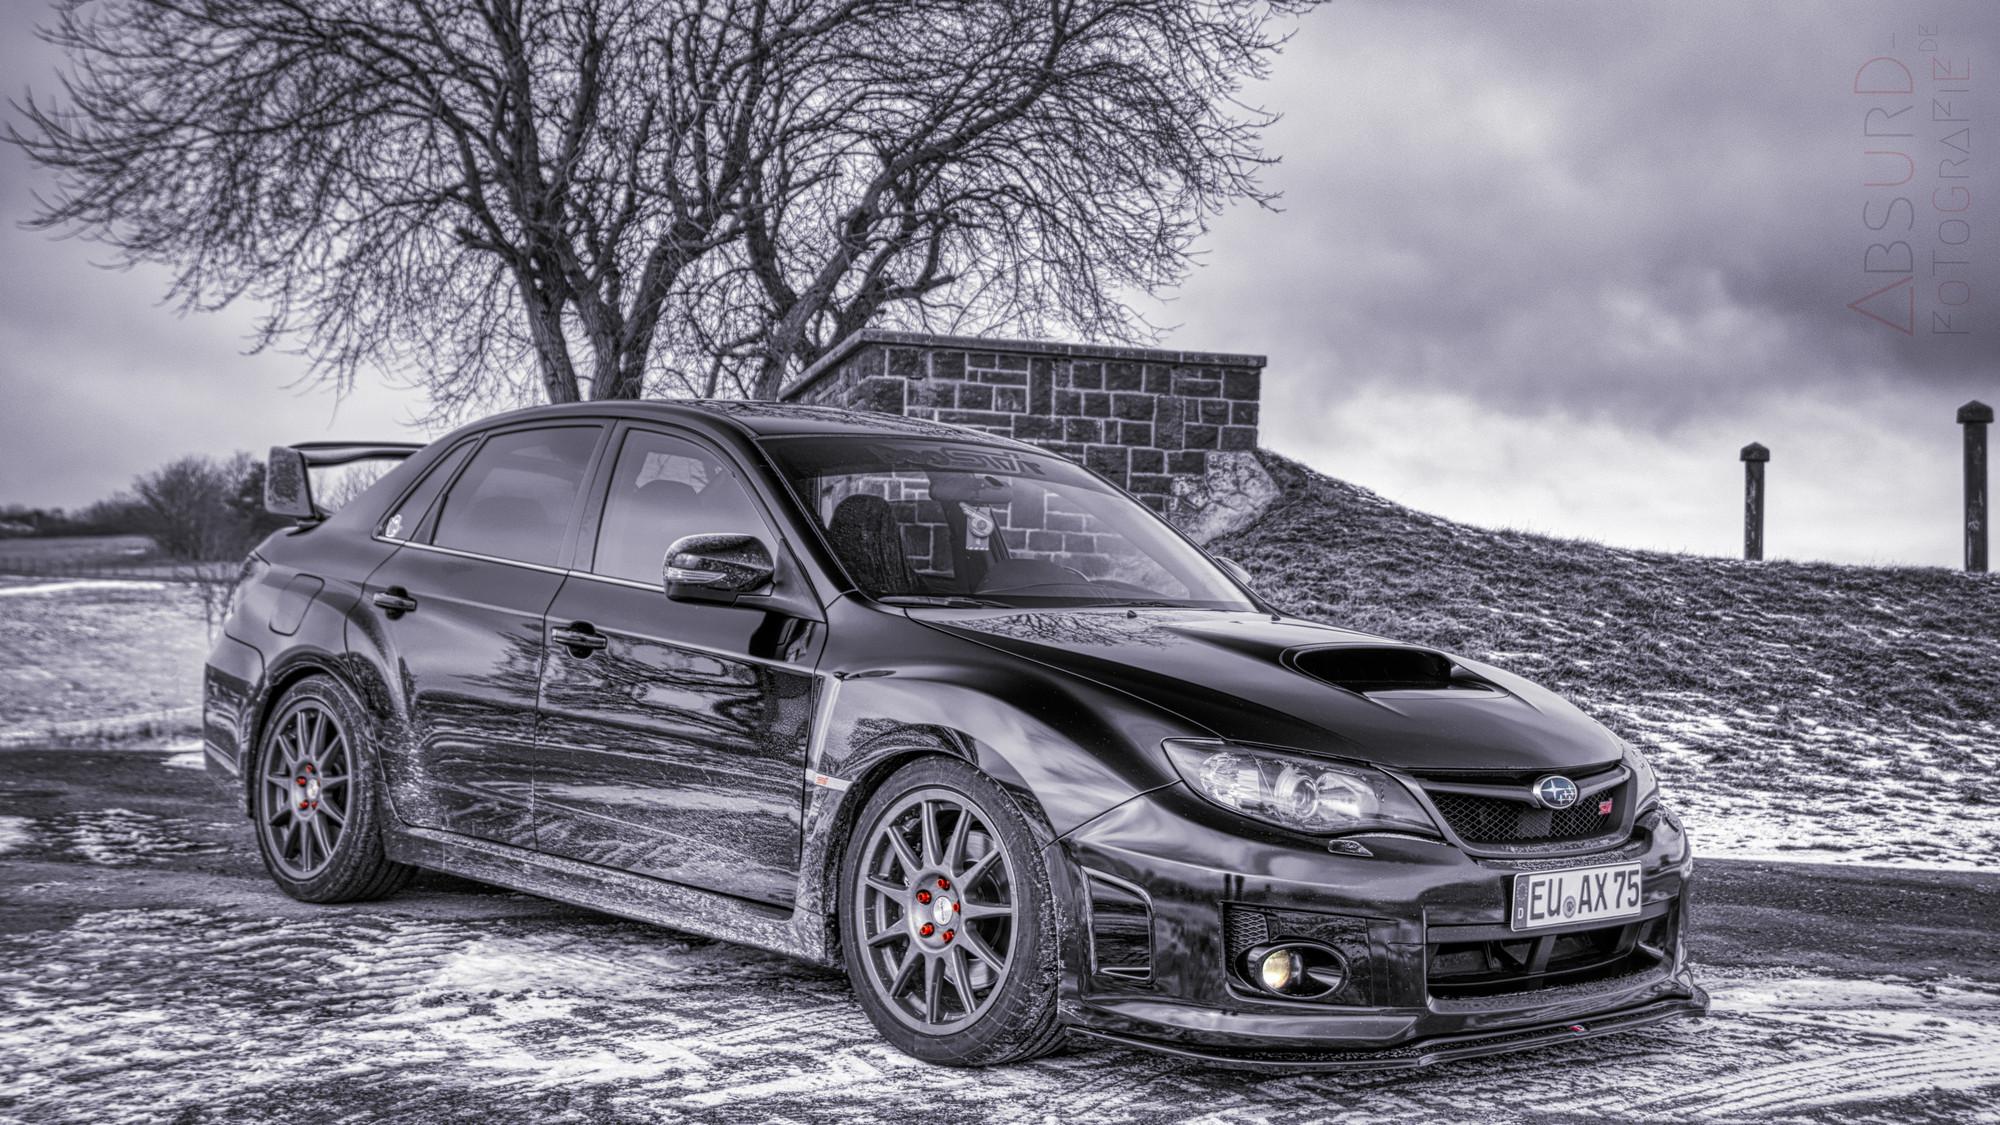 2019-01-20-Alex-Subaru-STI - DSC02119aura_tn.jpg